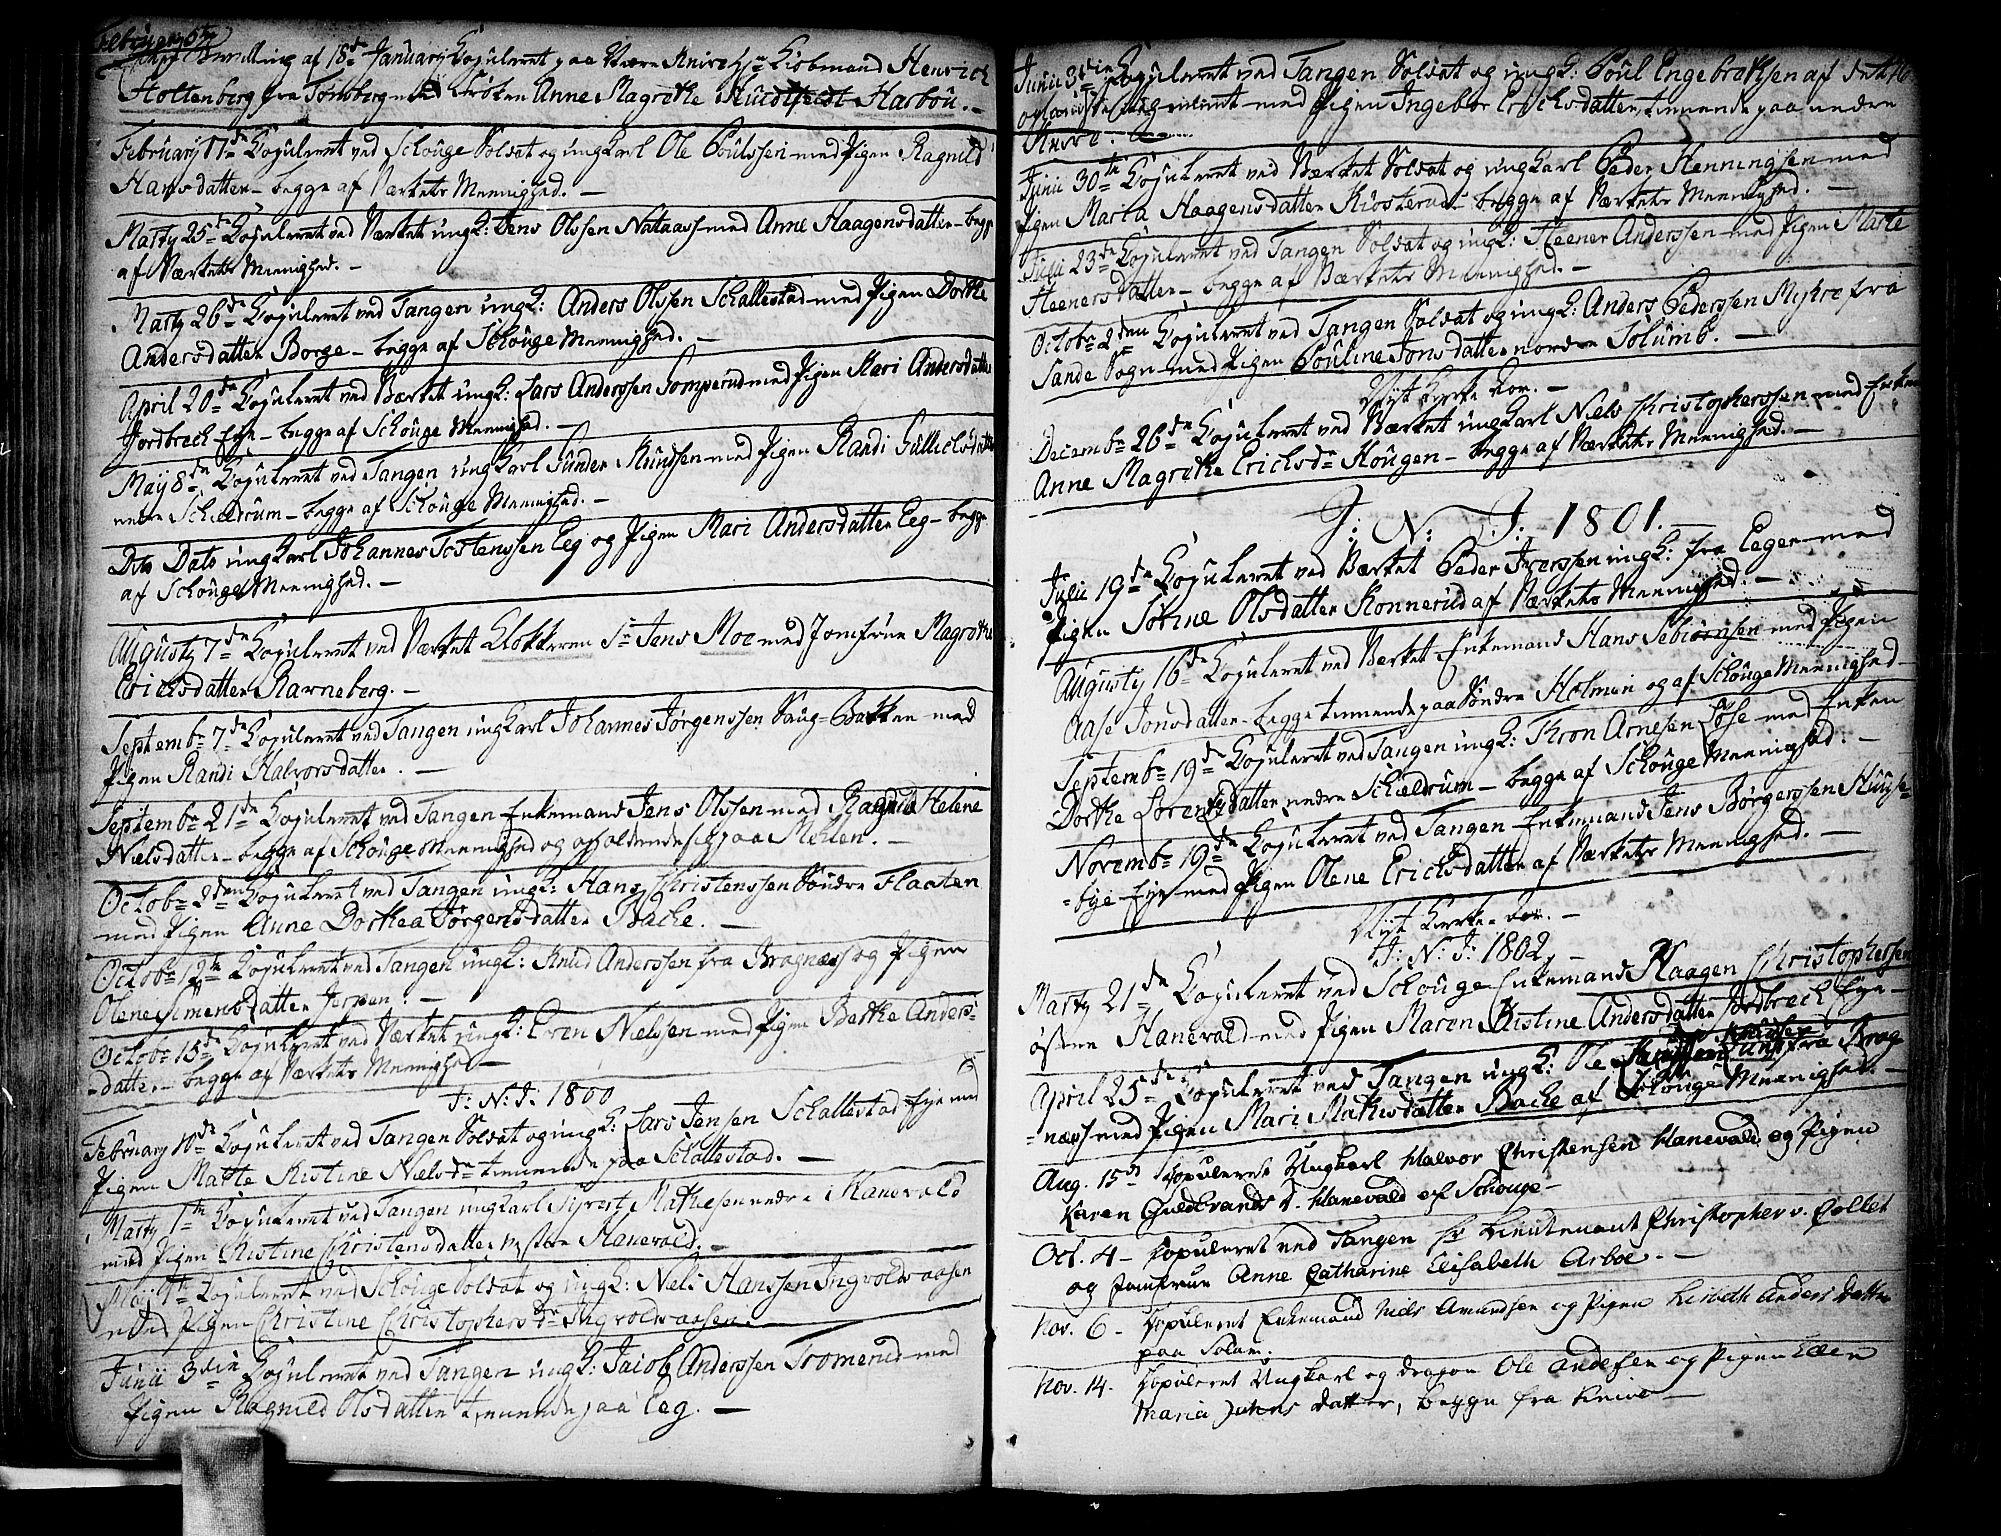 SAKO, Skoger kirkebøker, F/Fa/L0001: Ministerialbok nr. I 1, 1746-1814, s. 76